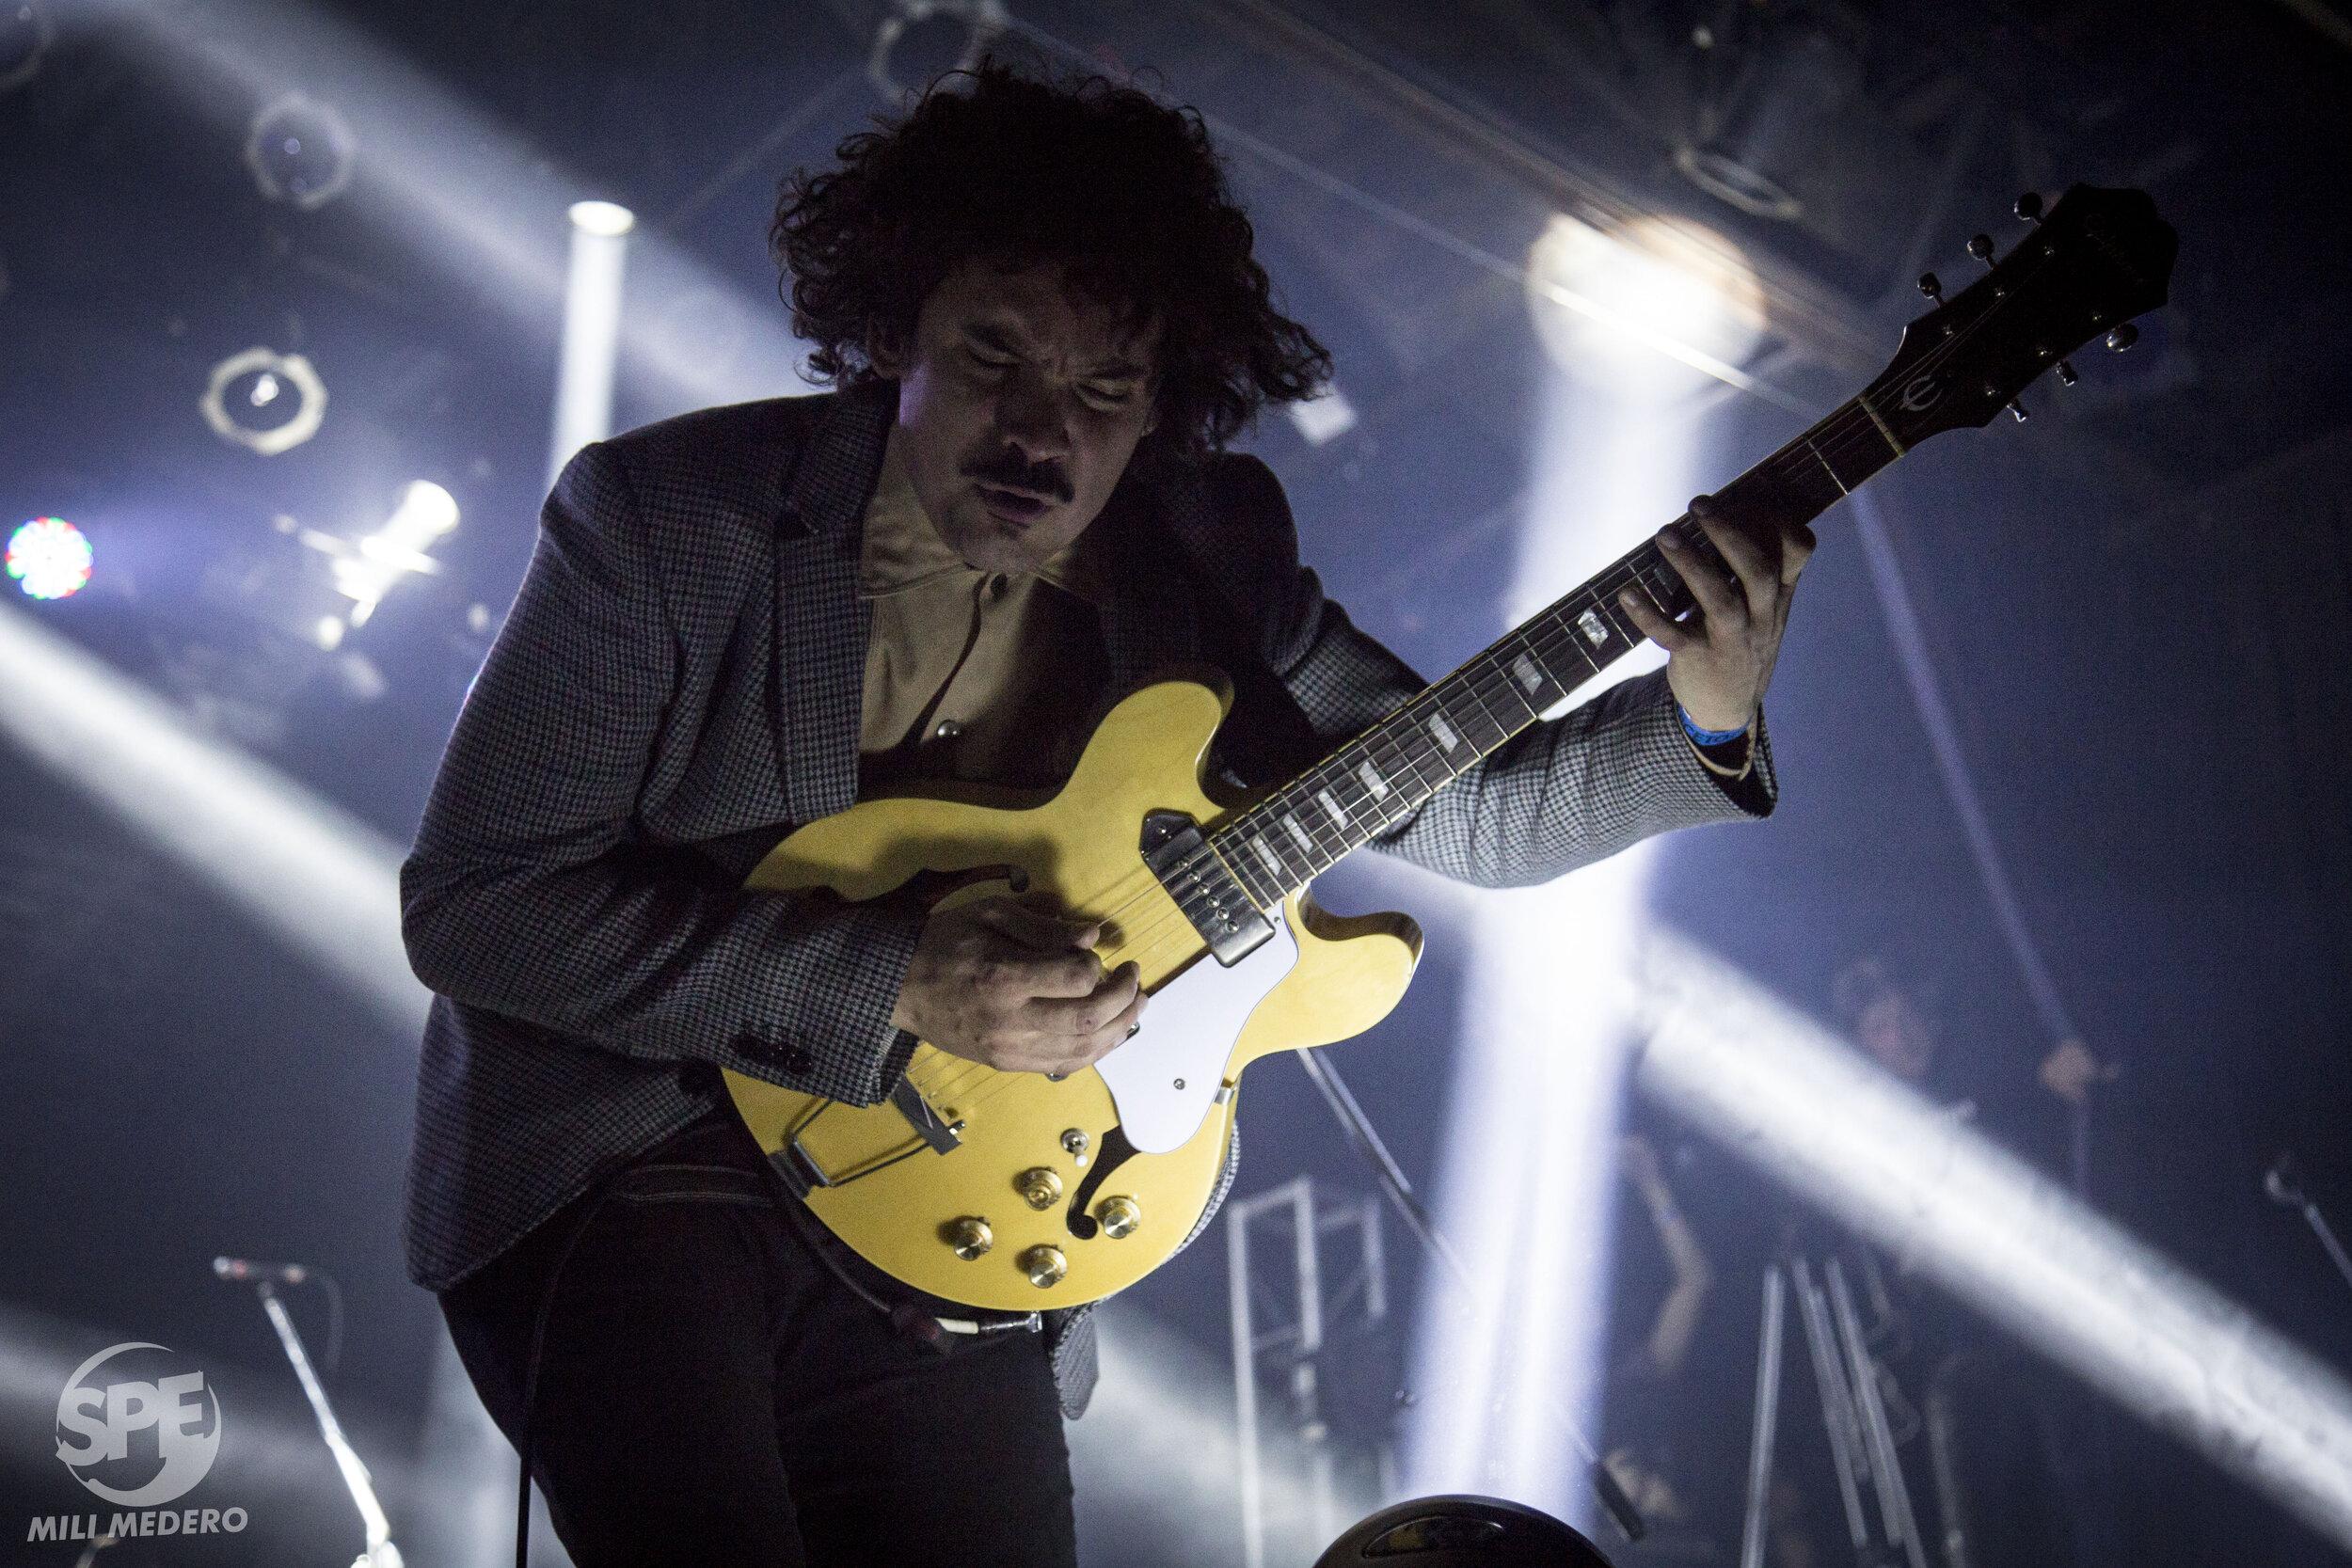 LAS SOMBRAS - 03.10.19 @ NICETO CLUBLas Sombras pasó por Niceto, luego de hacer un Konex en marzo, después de anunciar el adelanto de su tercer álbum.